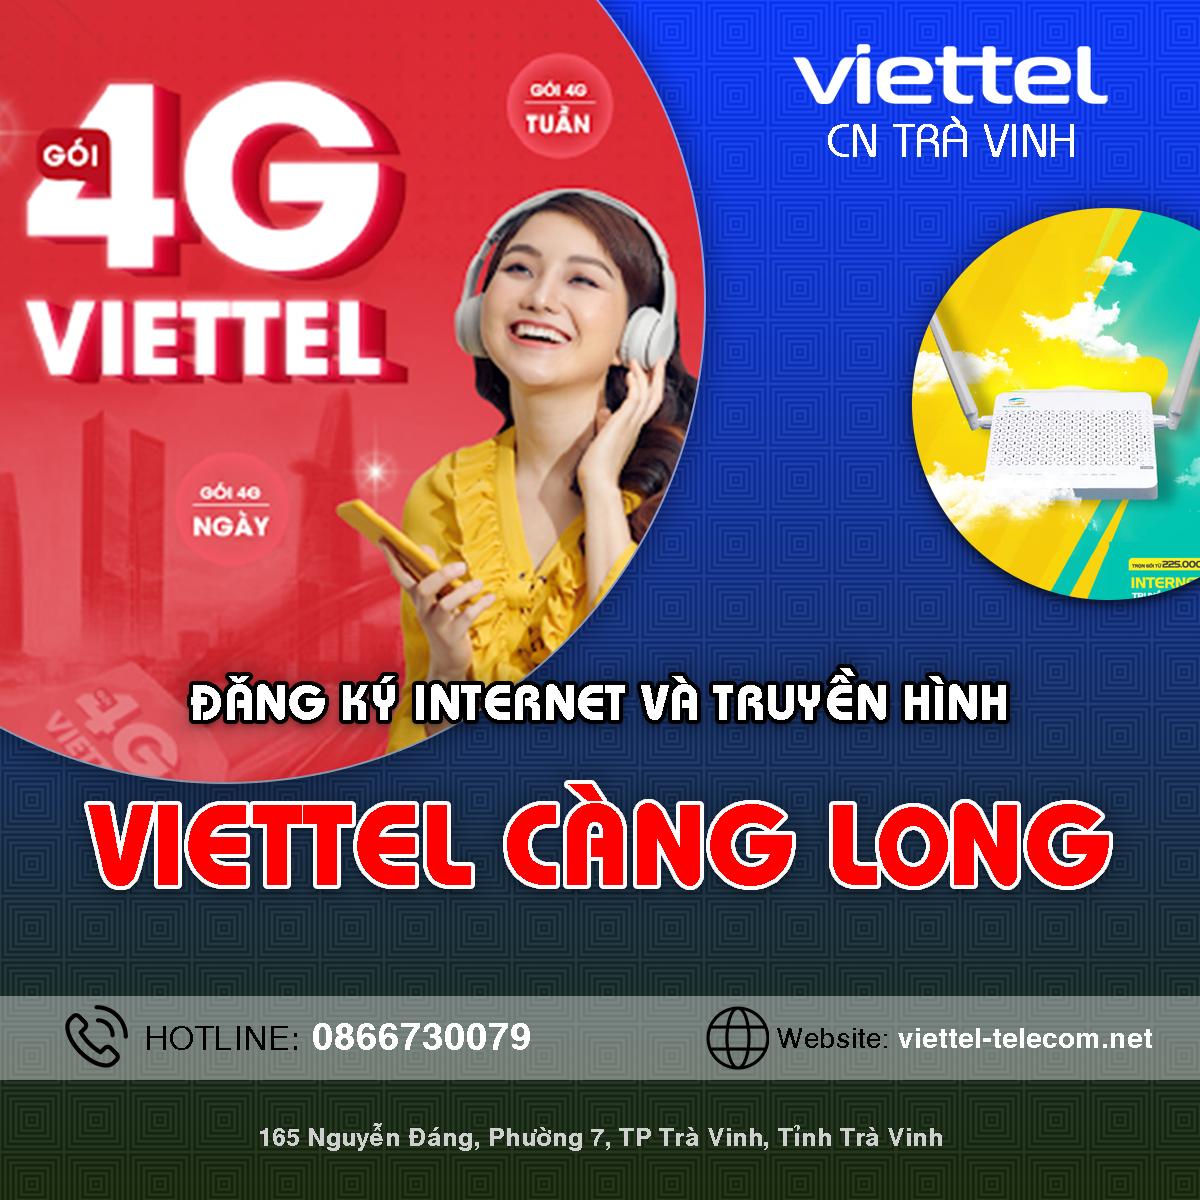 Cửa hàng Viettel huyện Càng Long